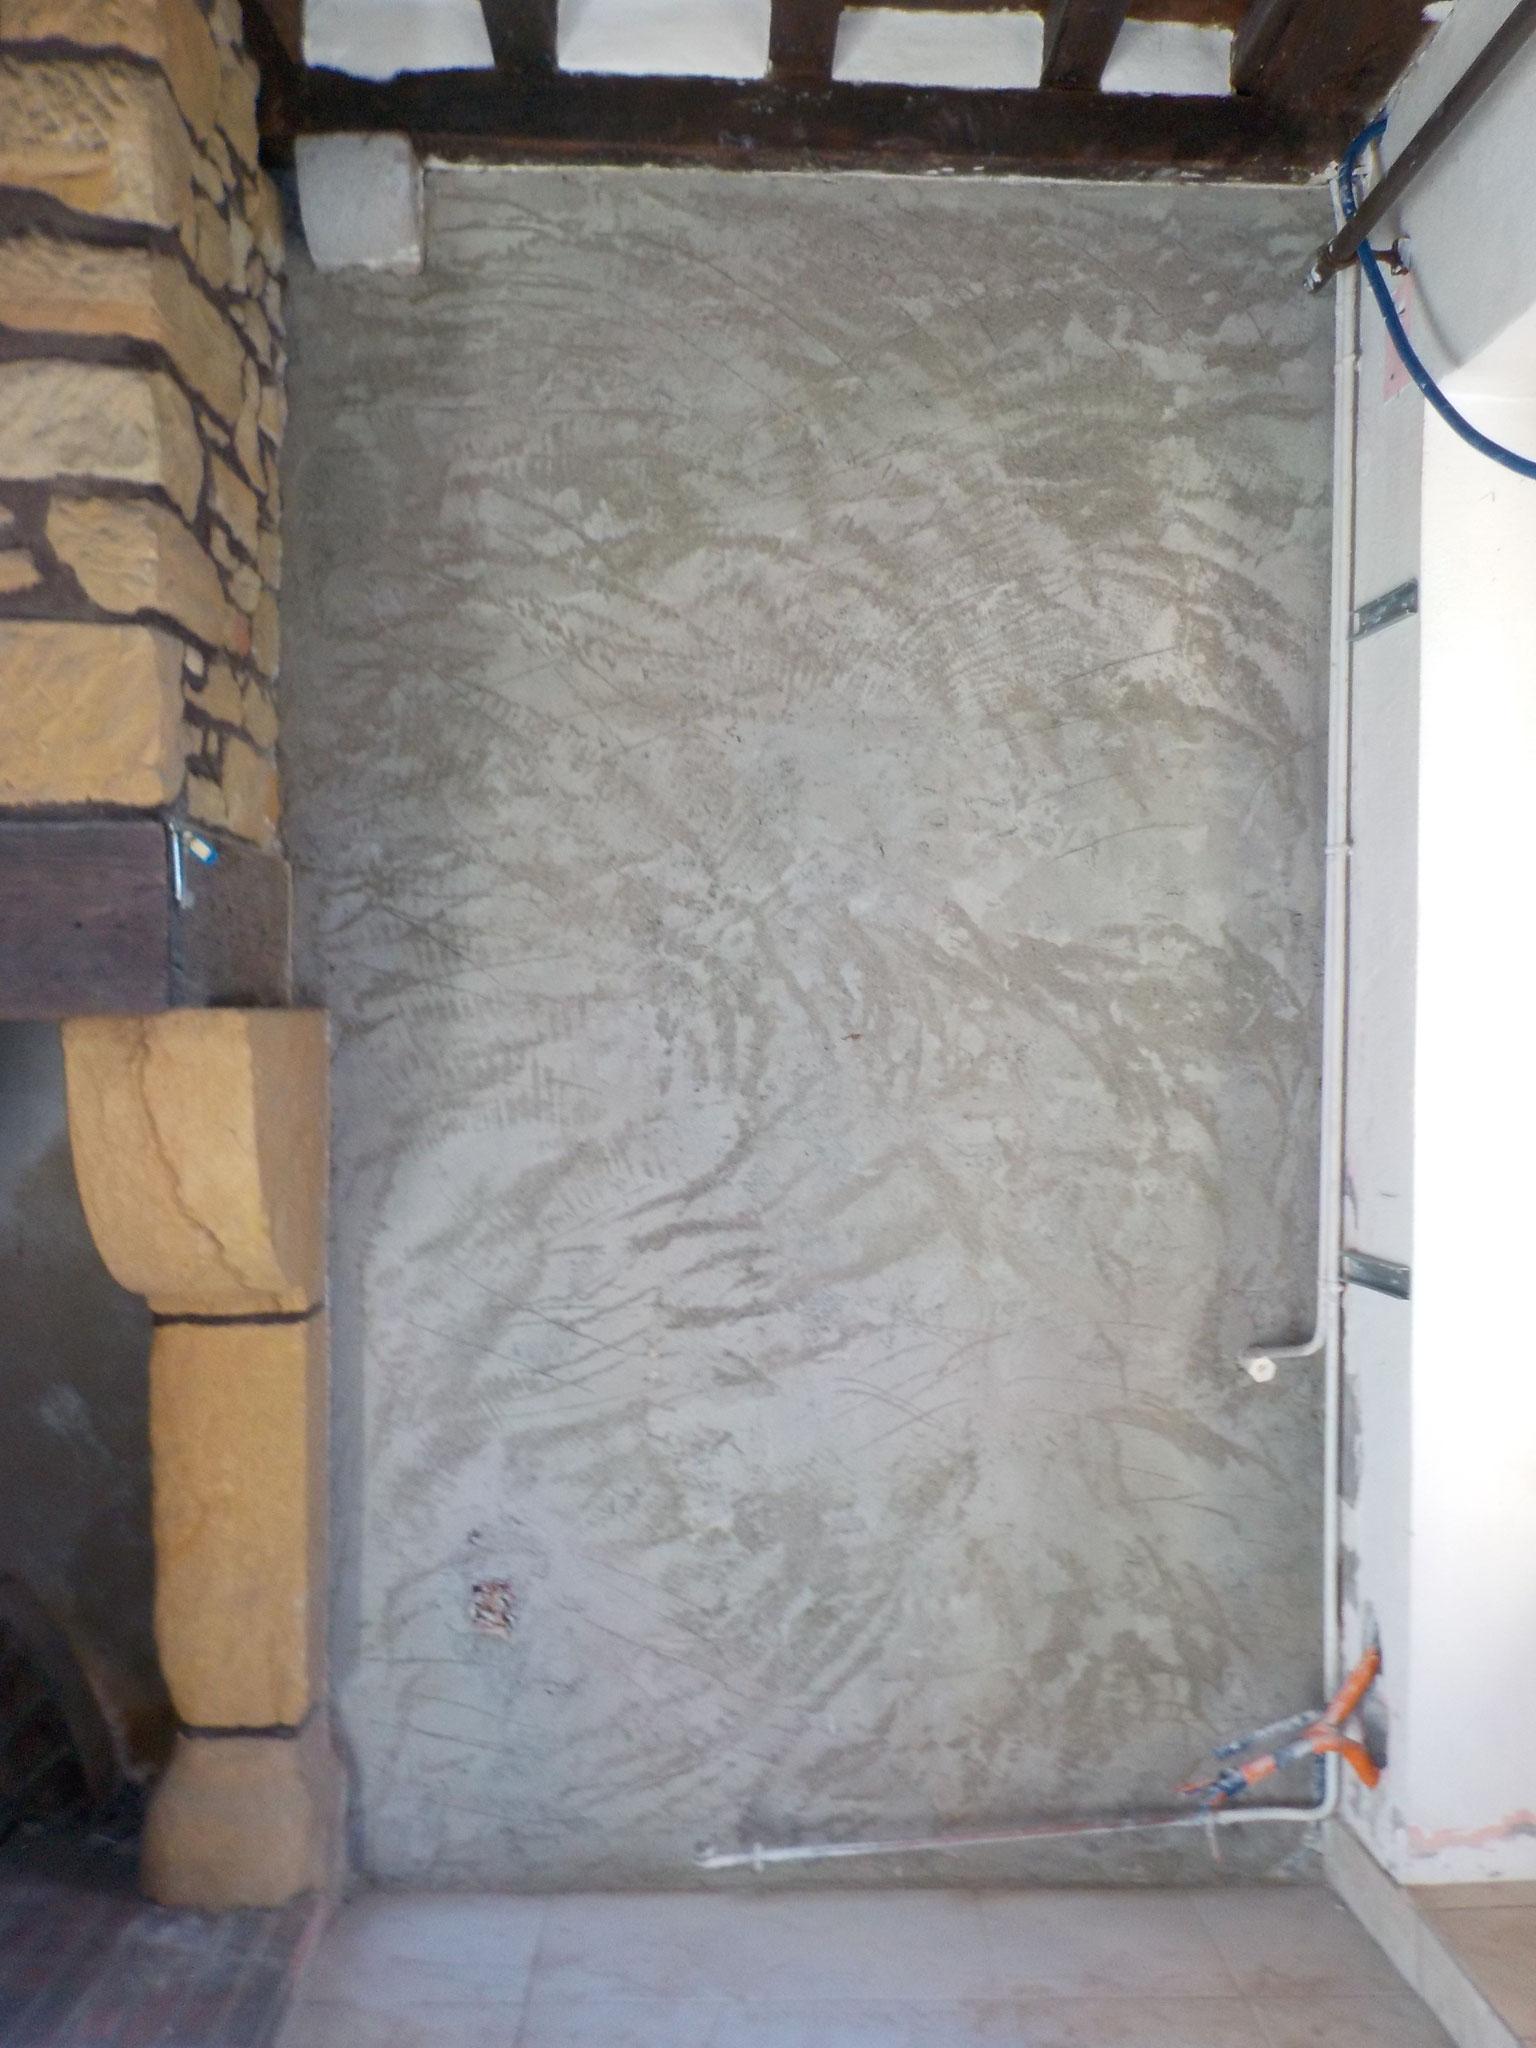 salon : l'enduit ciment a été retiré - 1ère couche d'enduit de chaux